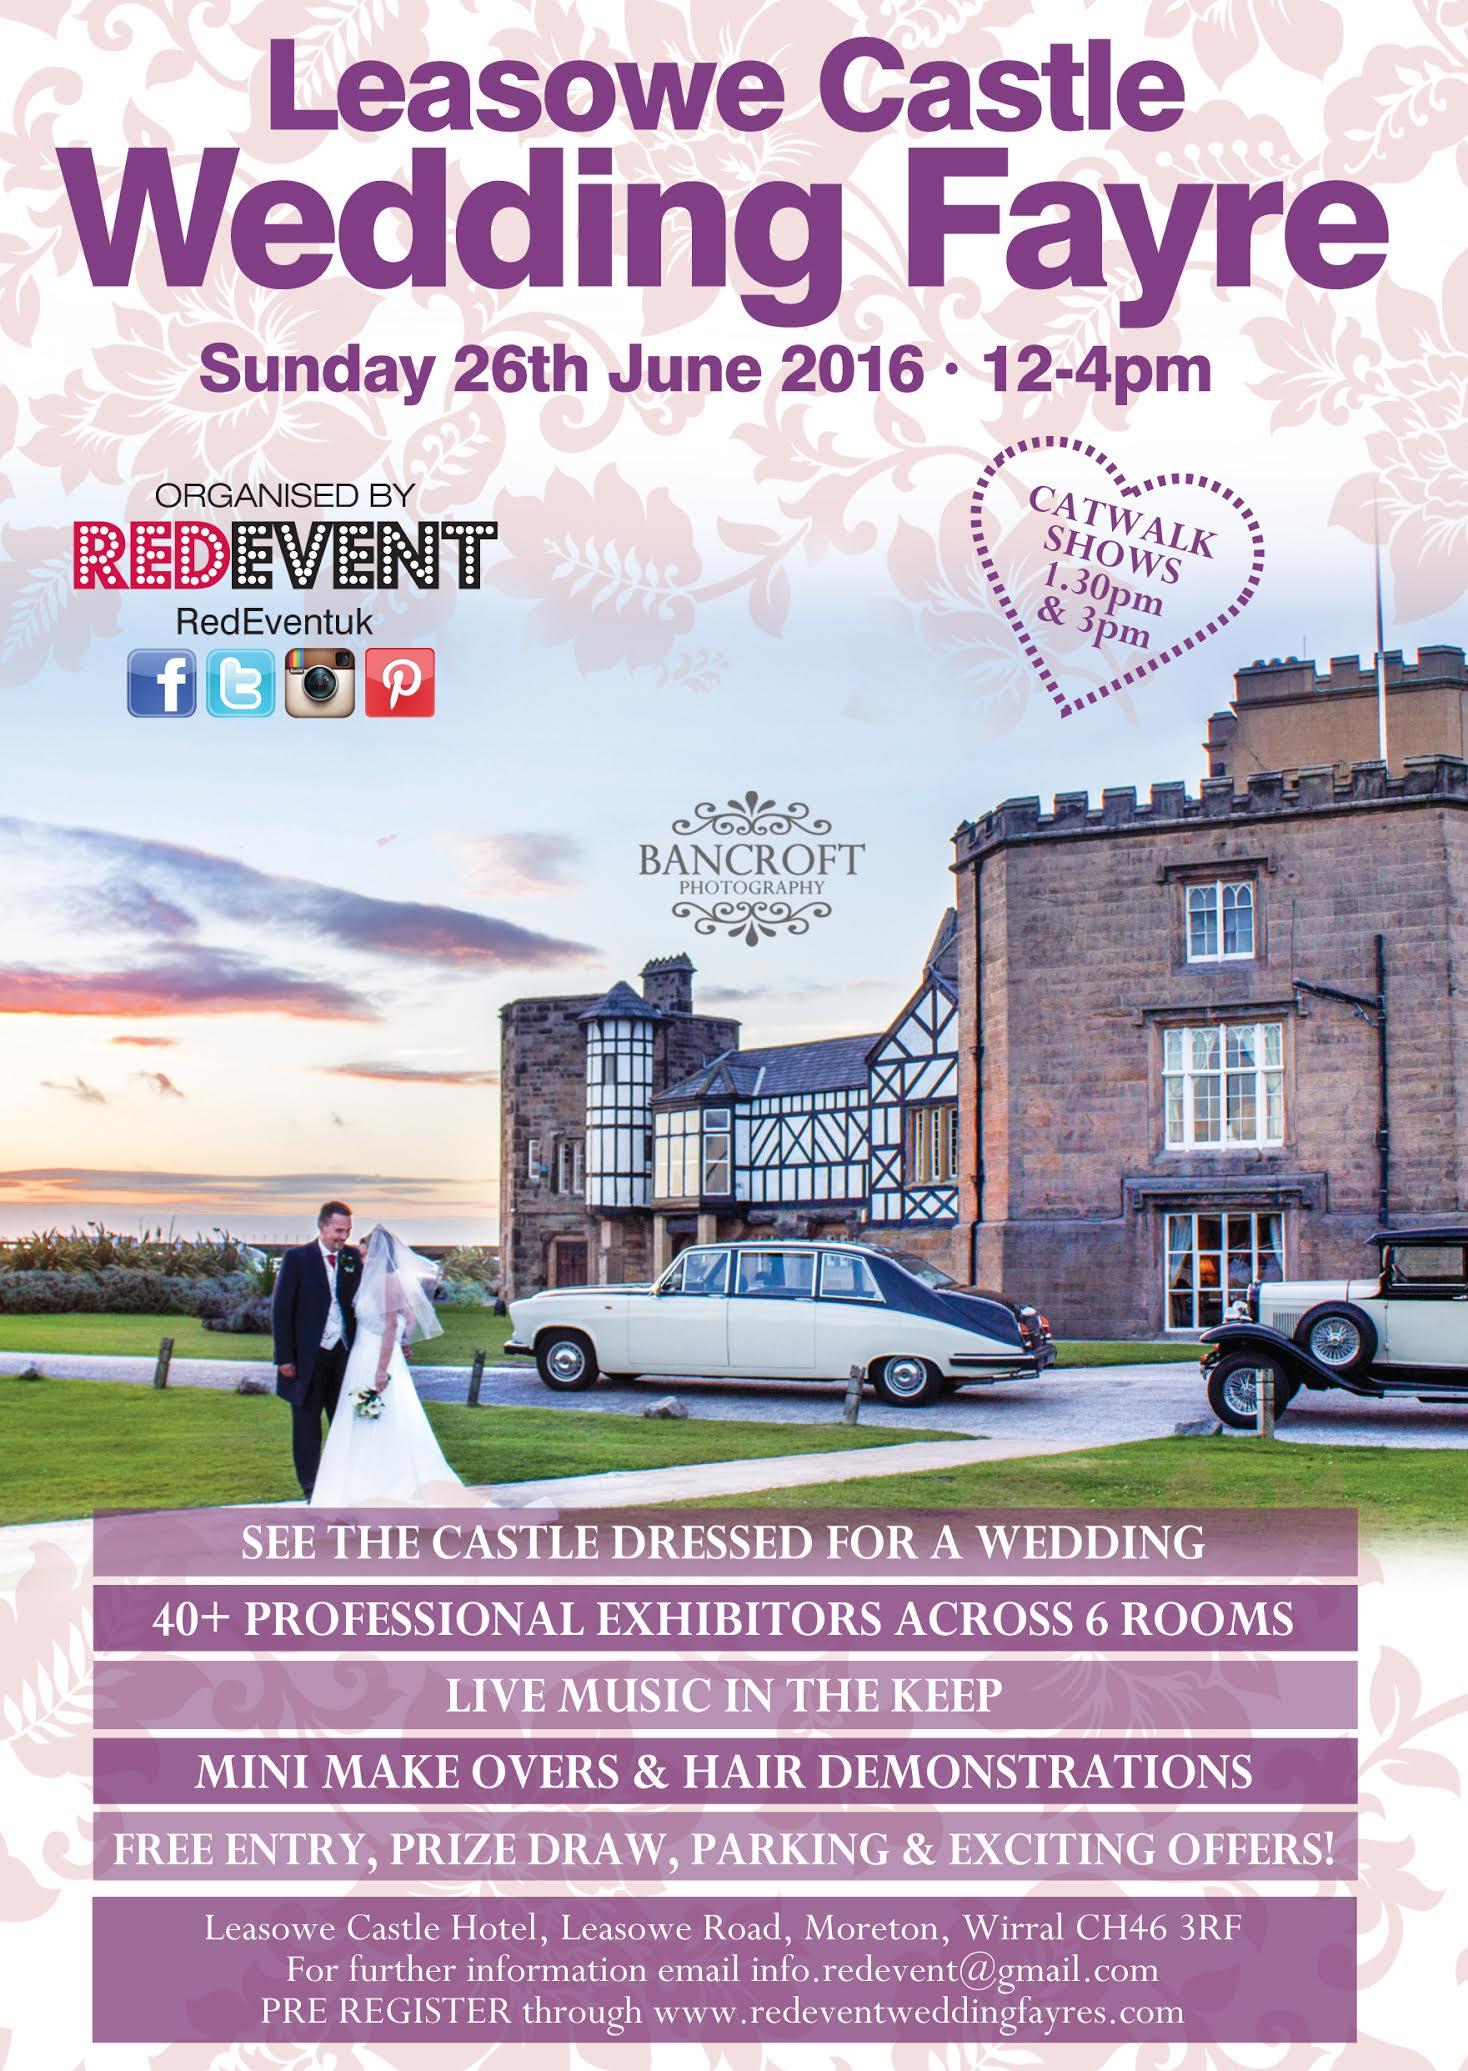 Leasowe Castle Wedding Fayre flyer